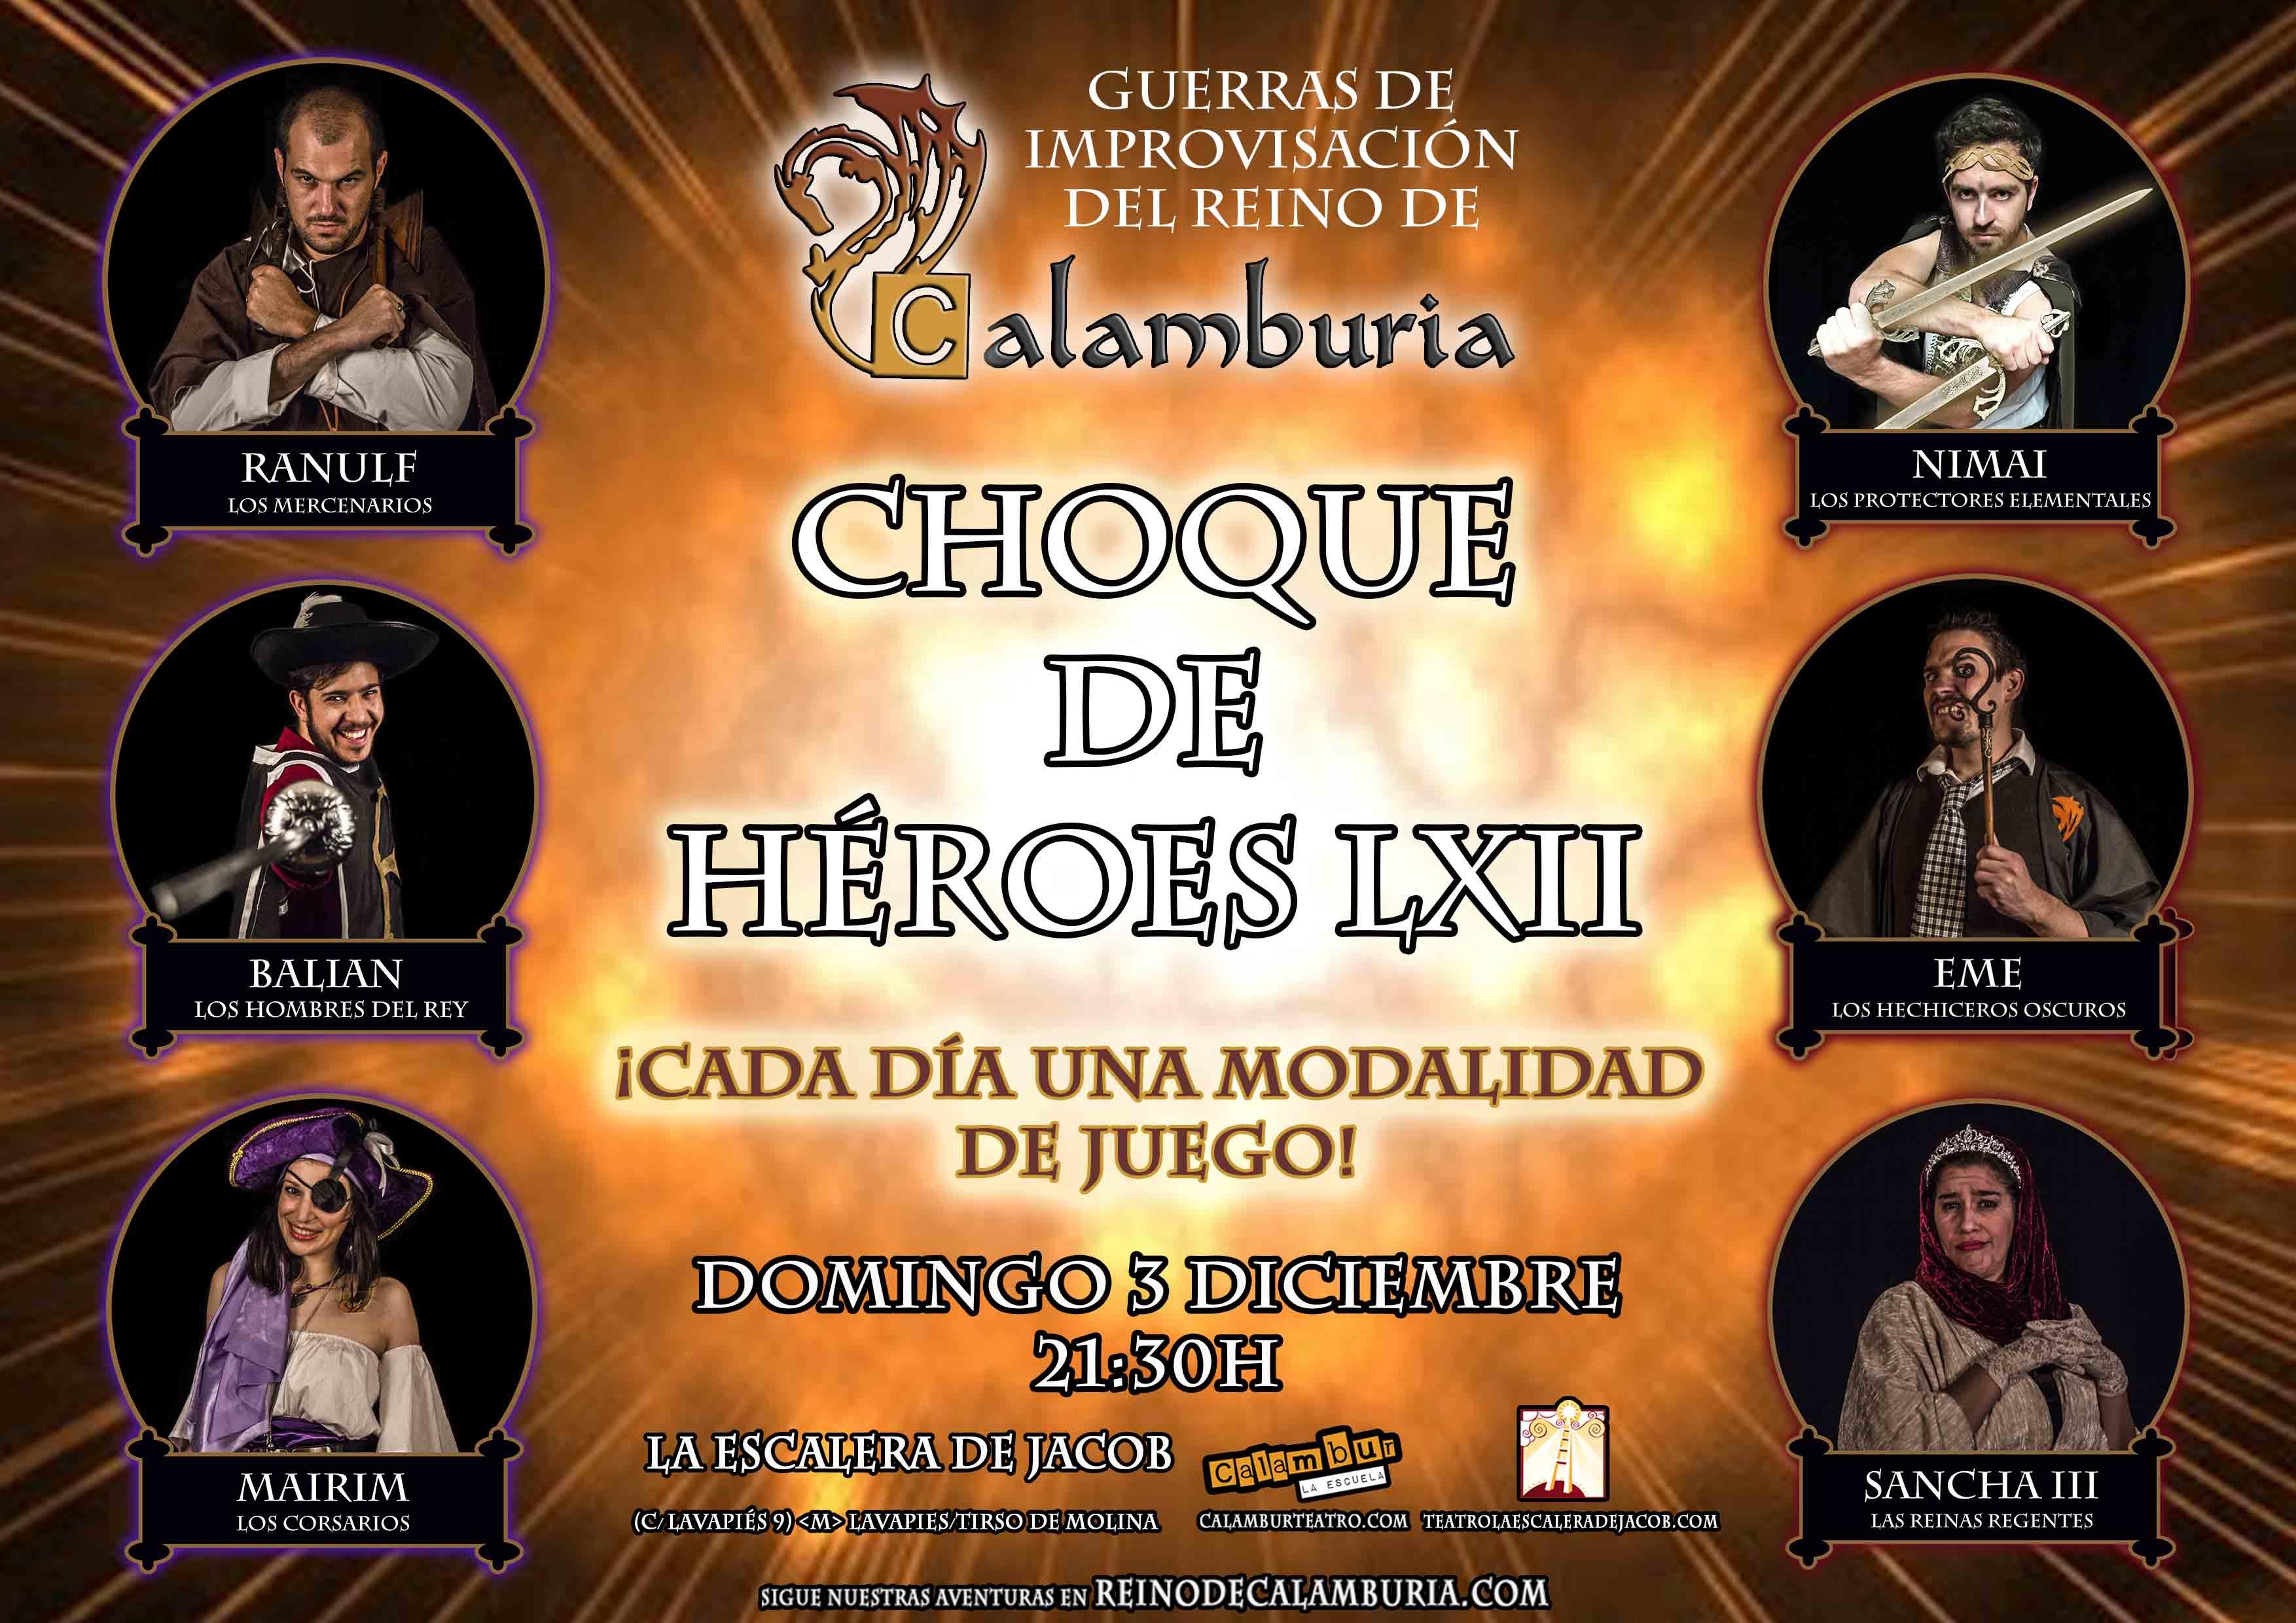 CHOQUE DE HEROES 62